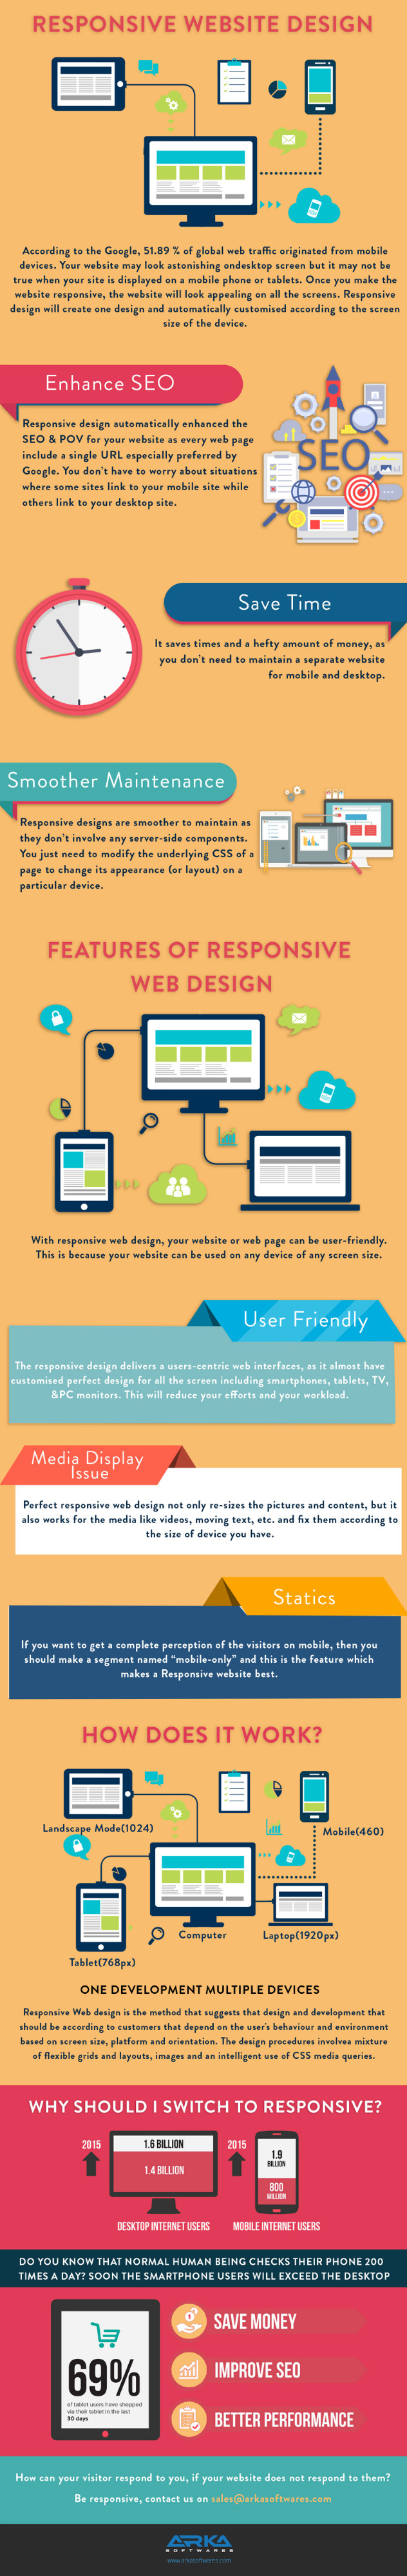 Responsive Website Design [Infographic]